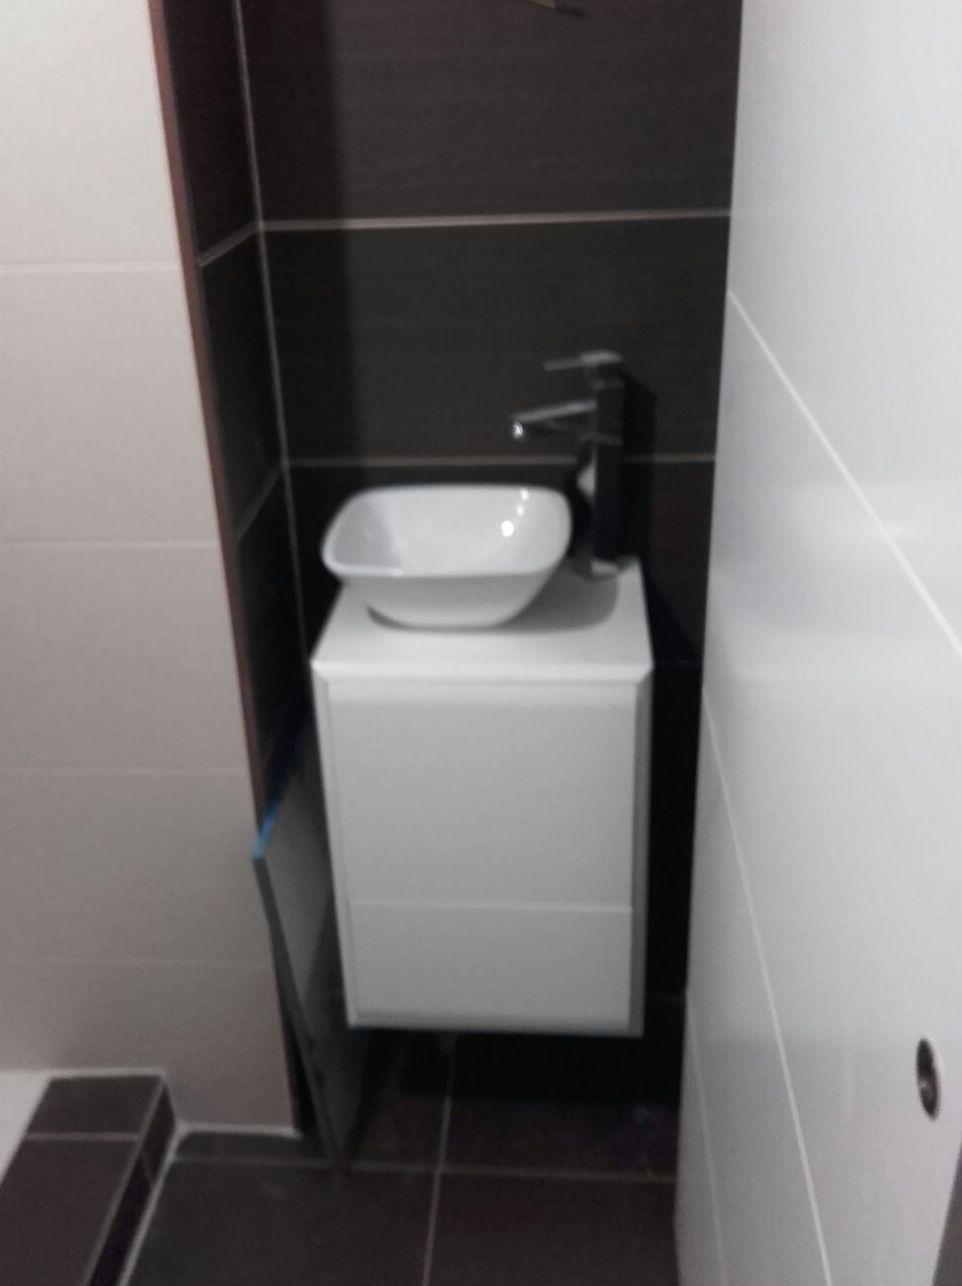 baño pequeño sencillo y economico